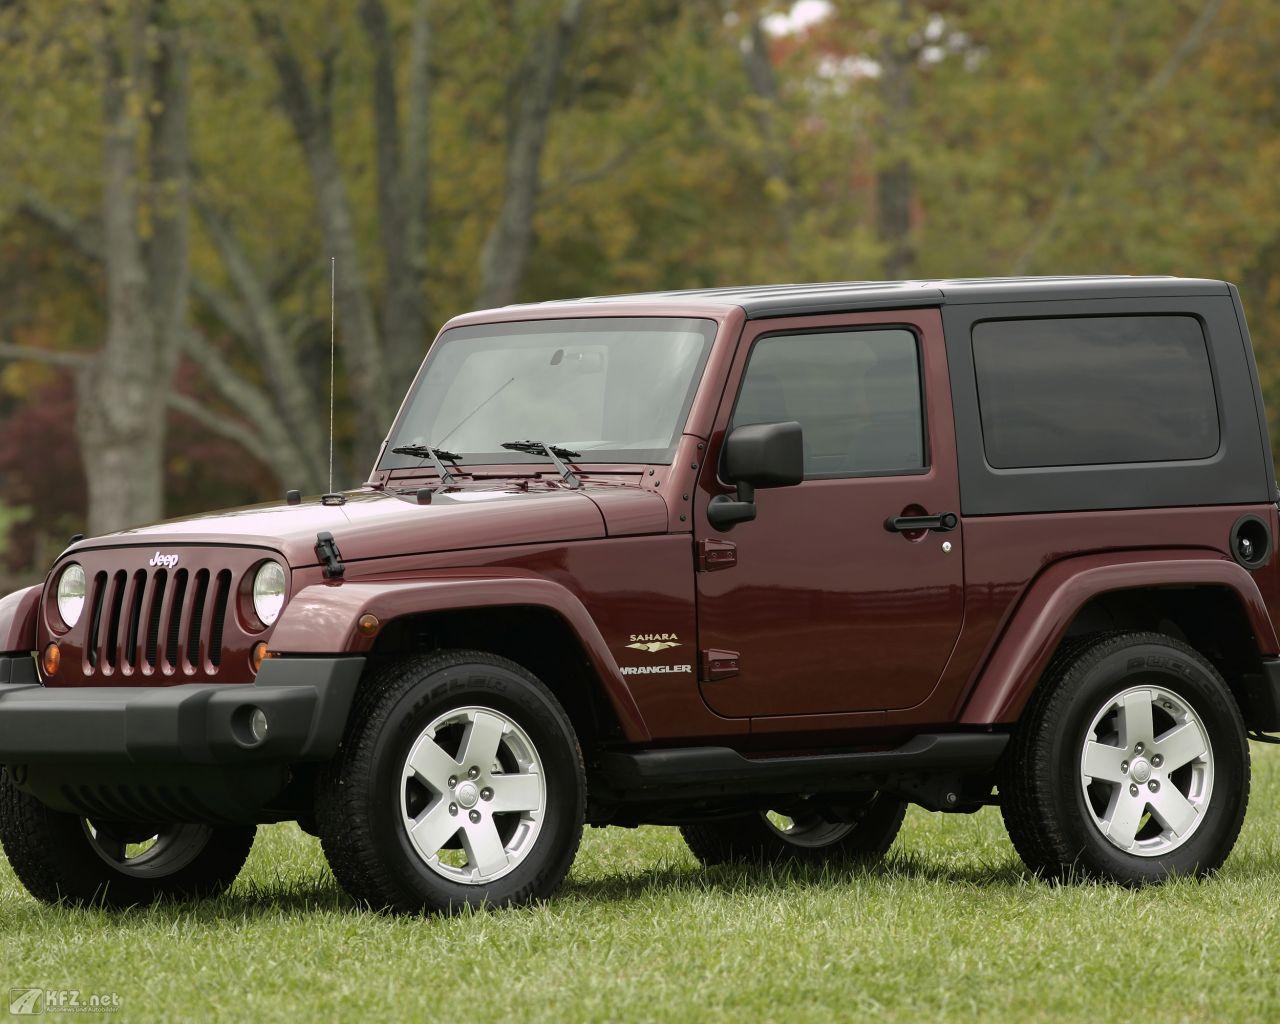 jeep-wrangler-1280x1024-8